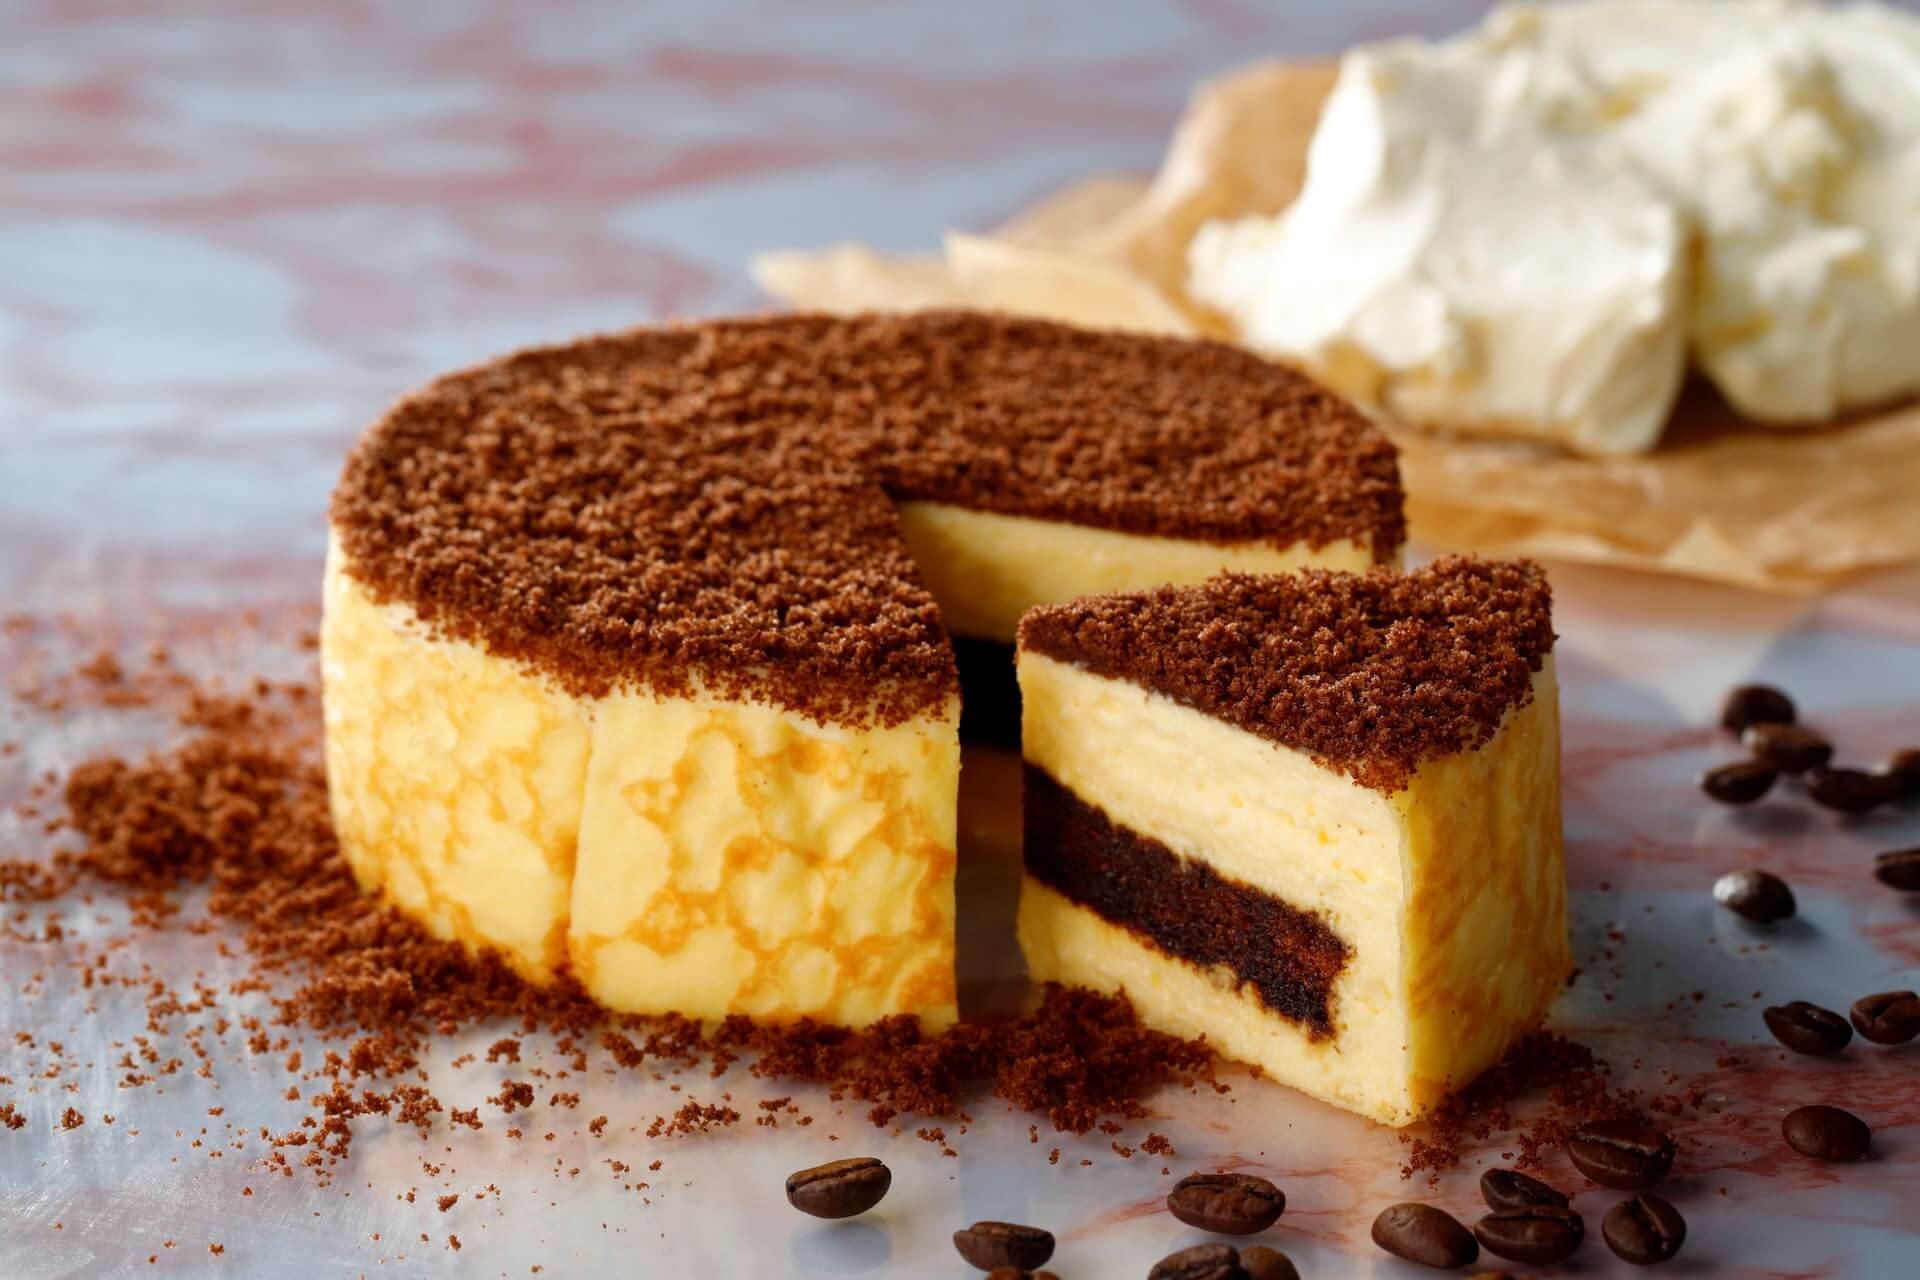 東京ミルクチーズ工場から冬季限定の『ミルクチーズケーキ ティラミス』が登場!濃厚チーズを引き立たせるココアスポンジ生地が特徴 gourmet20201029_tokyomilkcheese_1